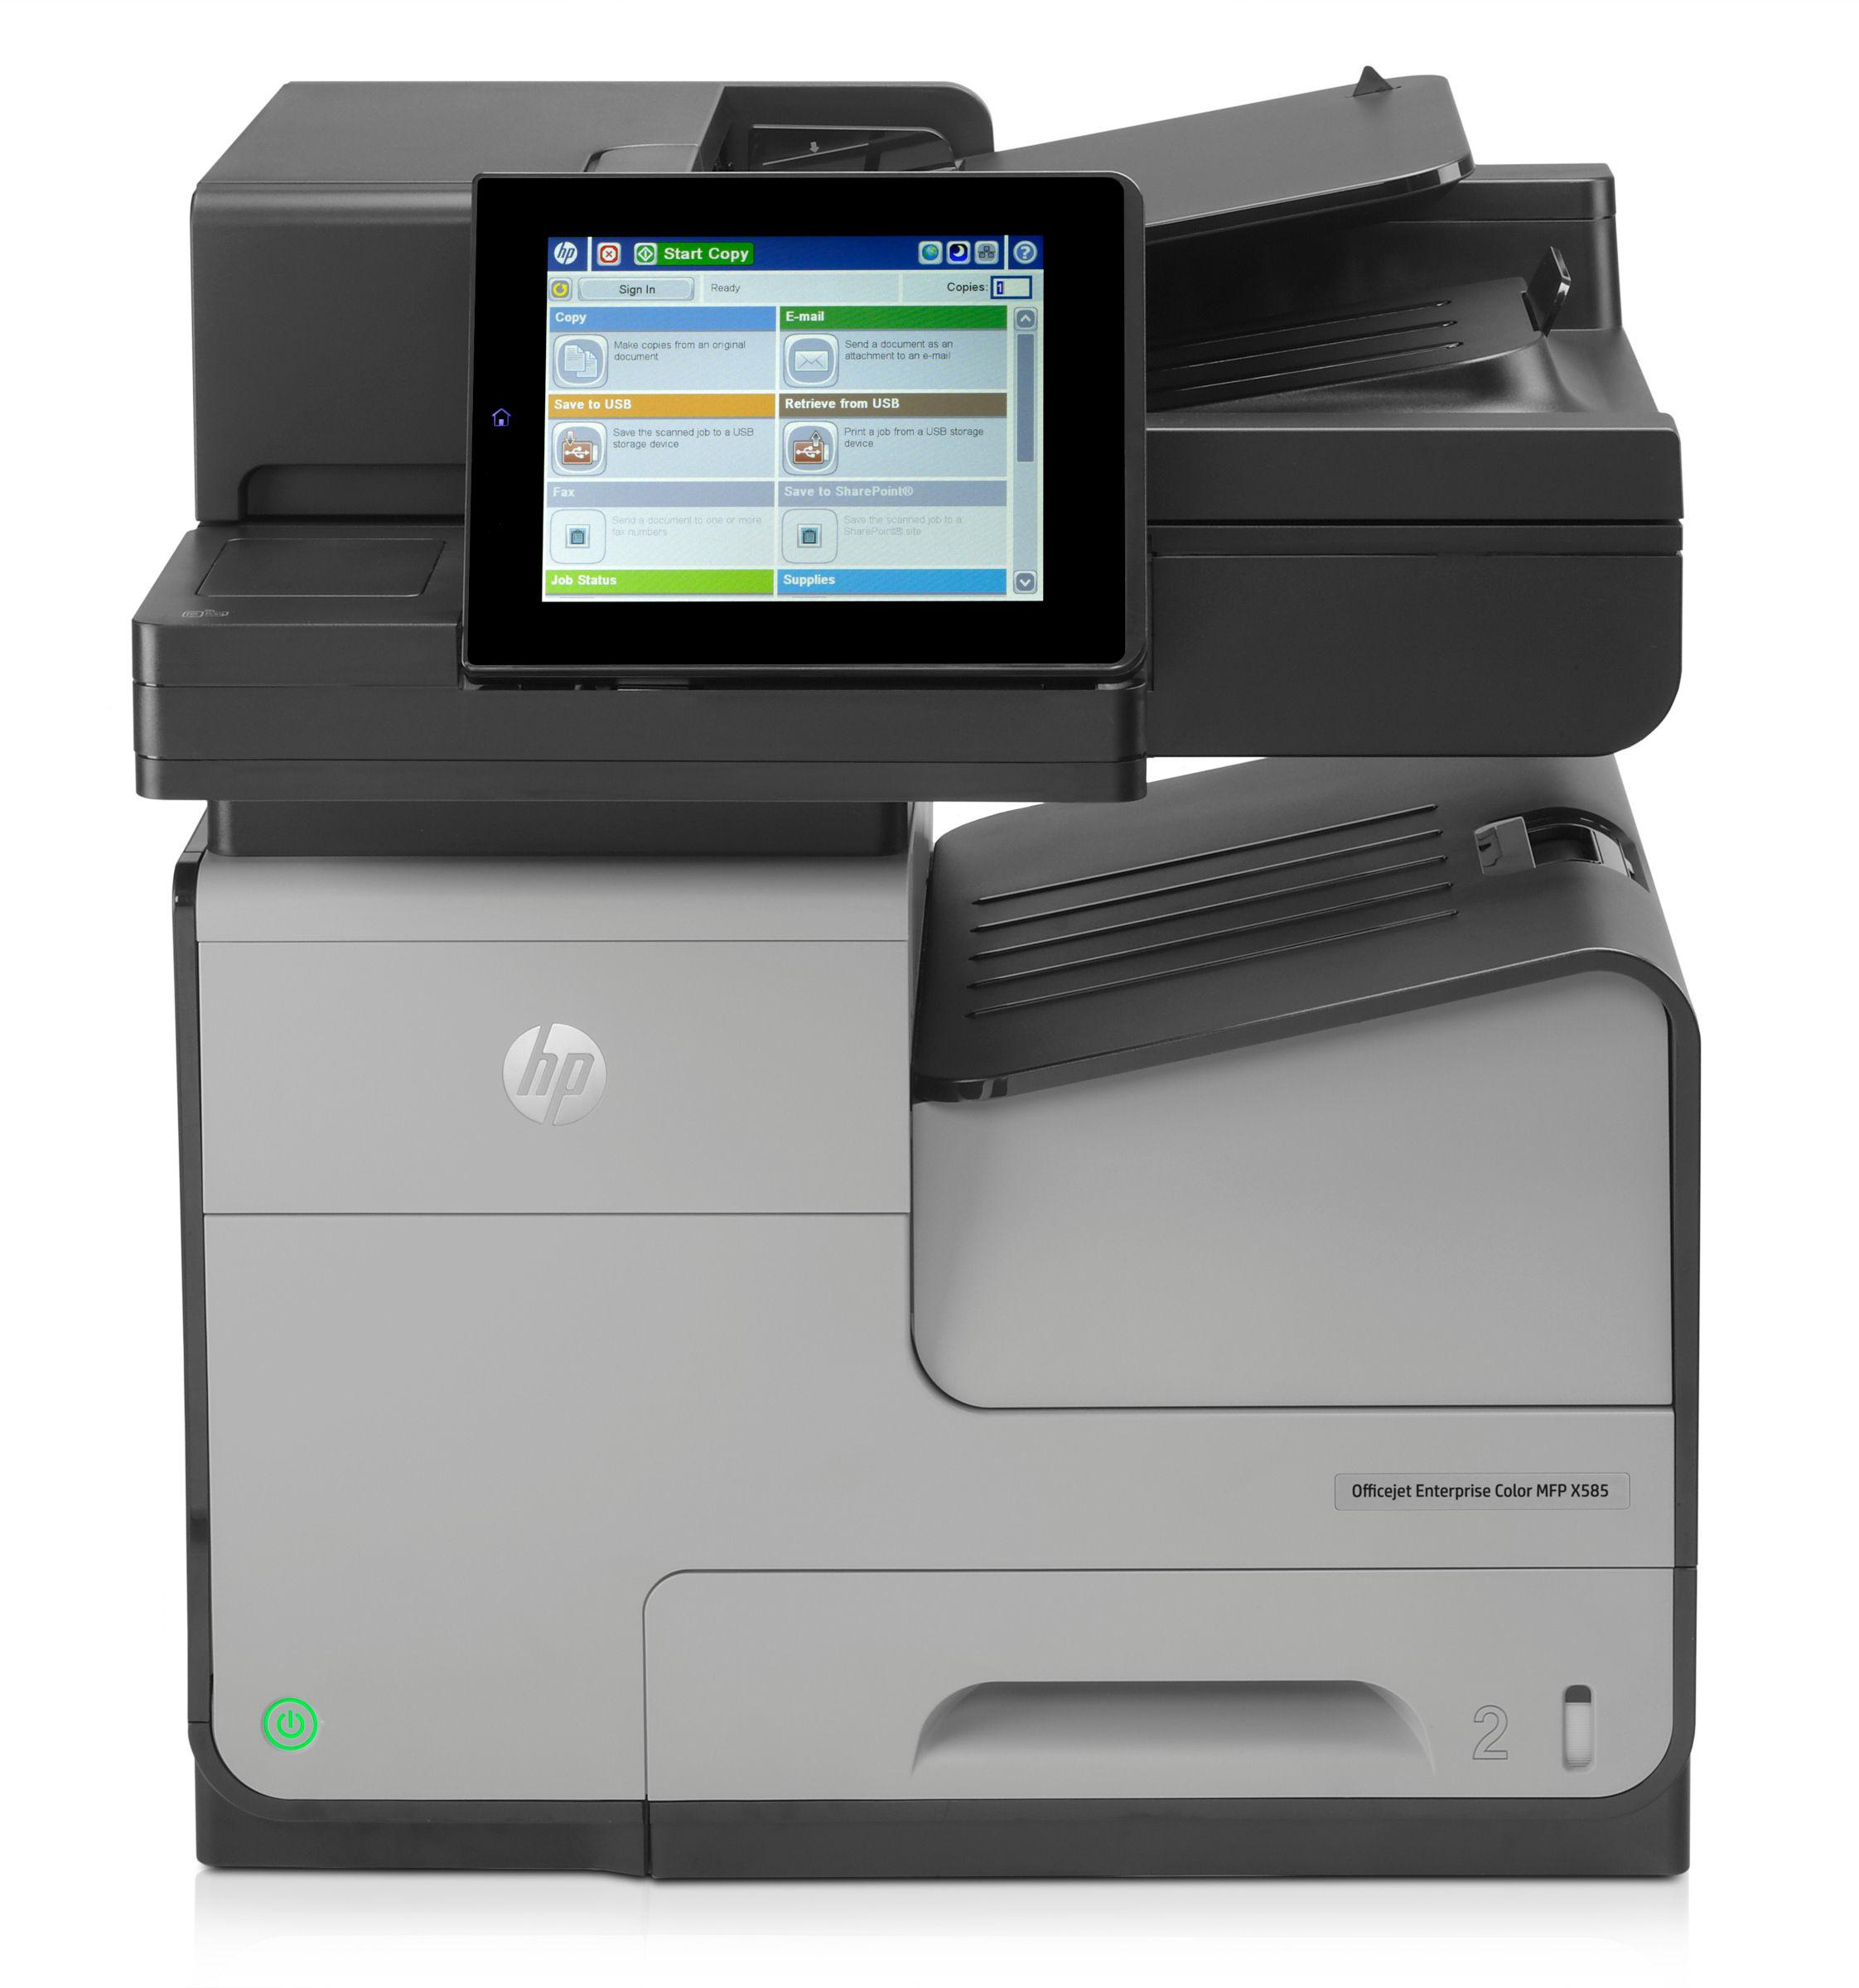 HP OfficeJet Enterprise Color-MFP X585f